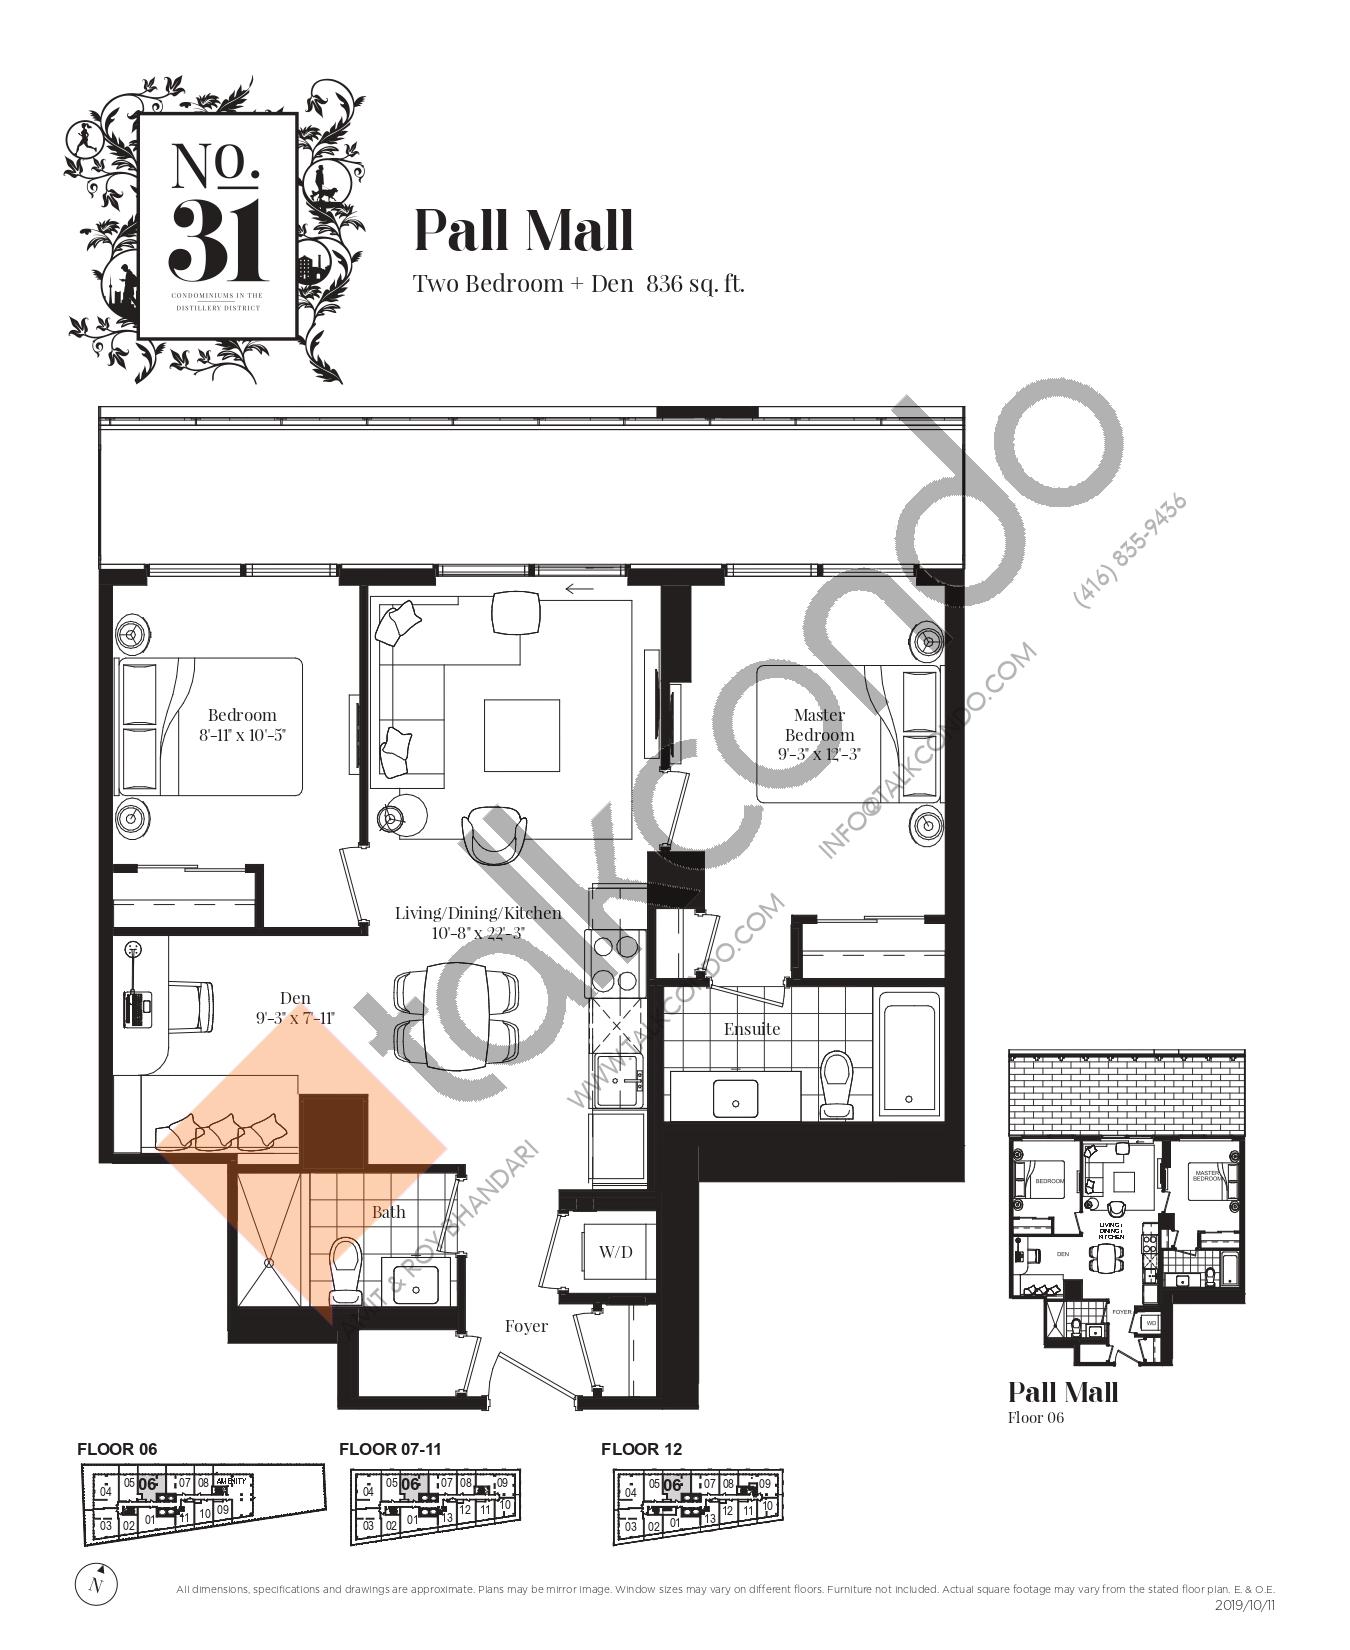 Pall Mall Floor Plan at No. 31 Condos - 836 sq.ft